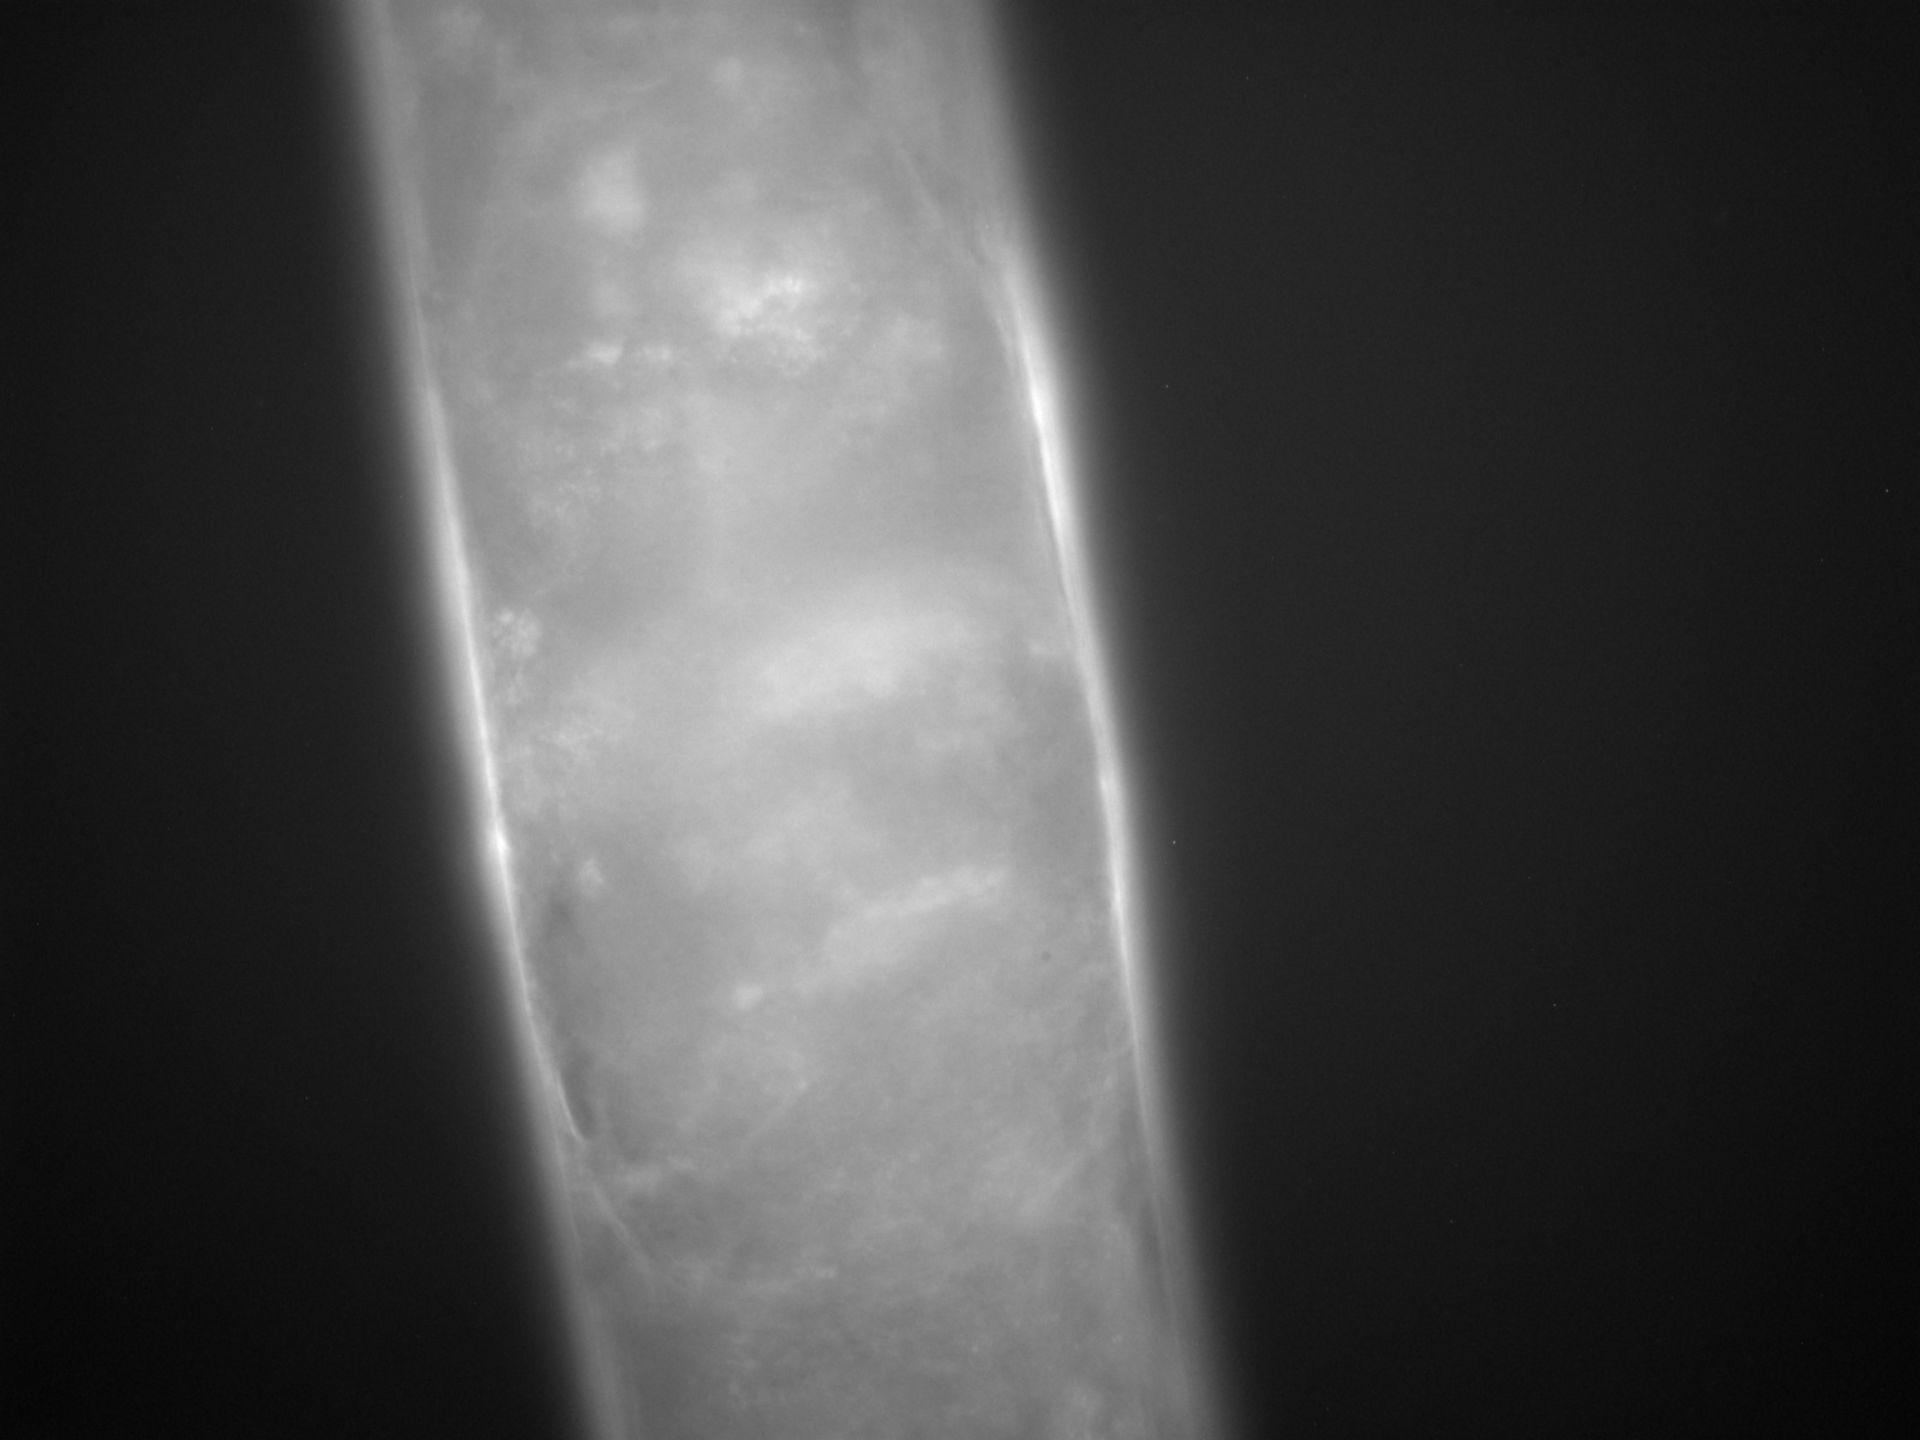 Caenorhabditis elegans (Actin filament) - CIL:1266